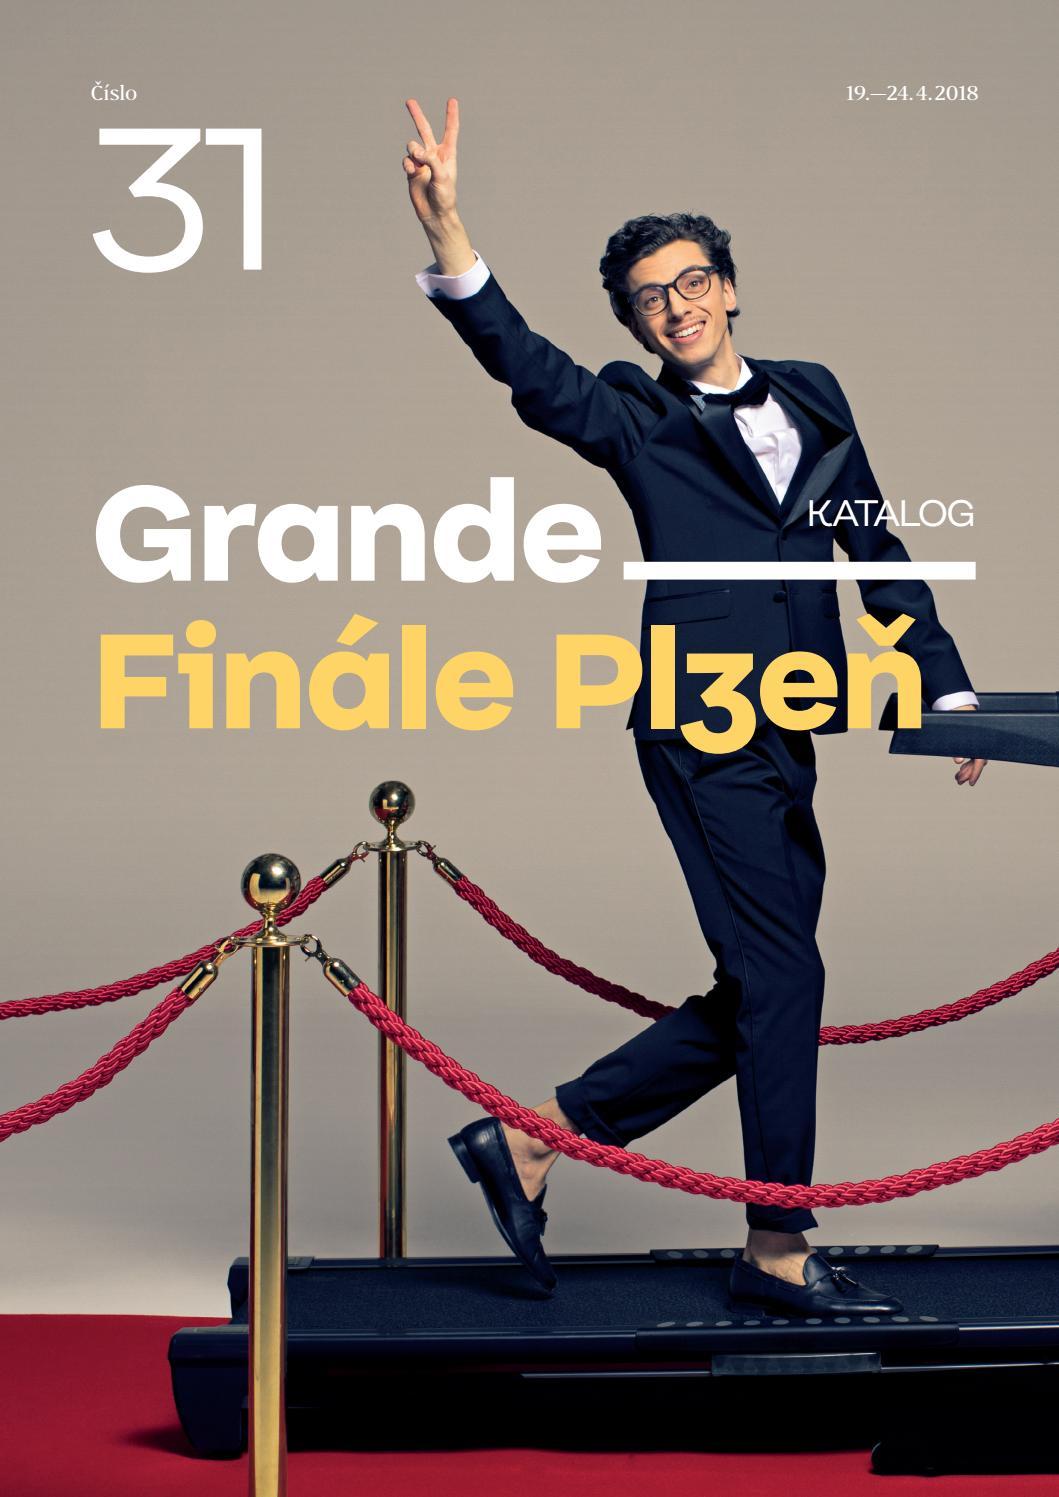 8d96c245bdb Katalog 31. Finále Plzeň 2018 by Finále Plzeň - issuu